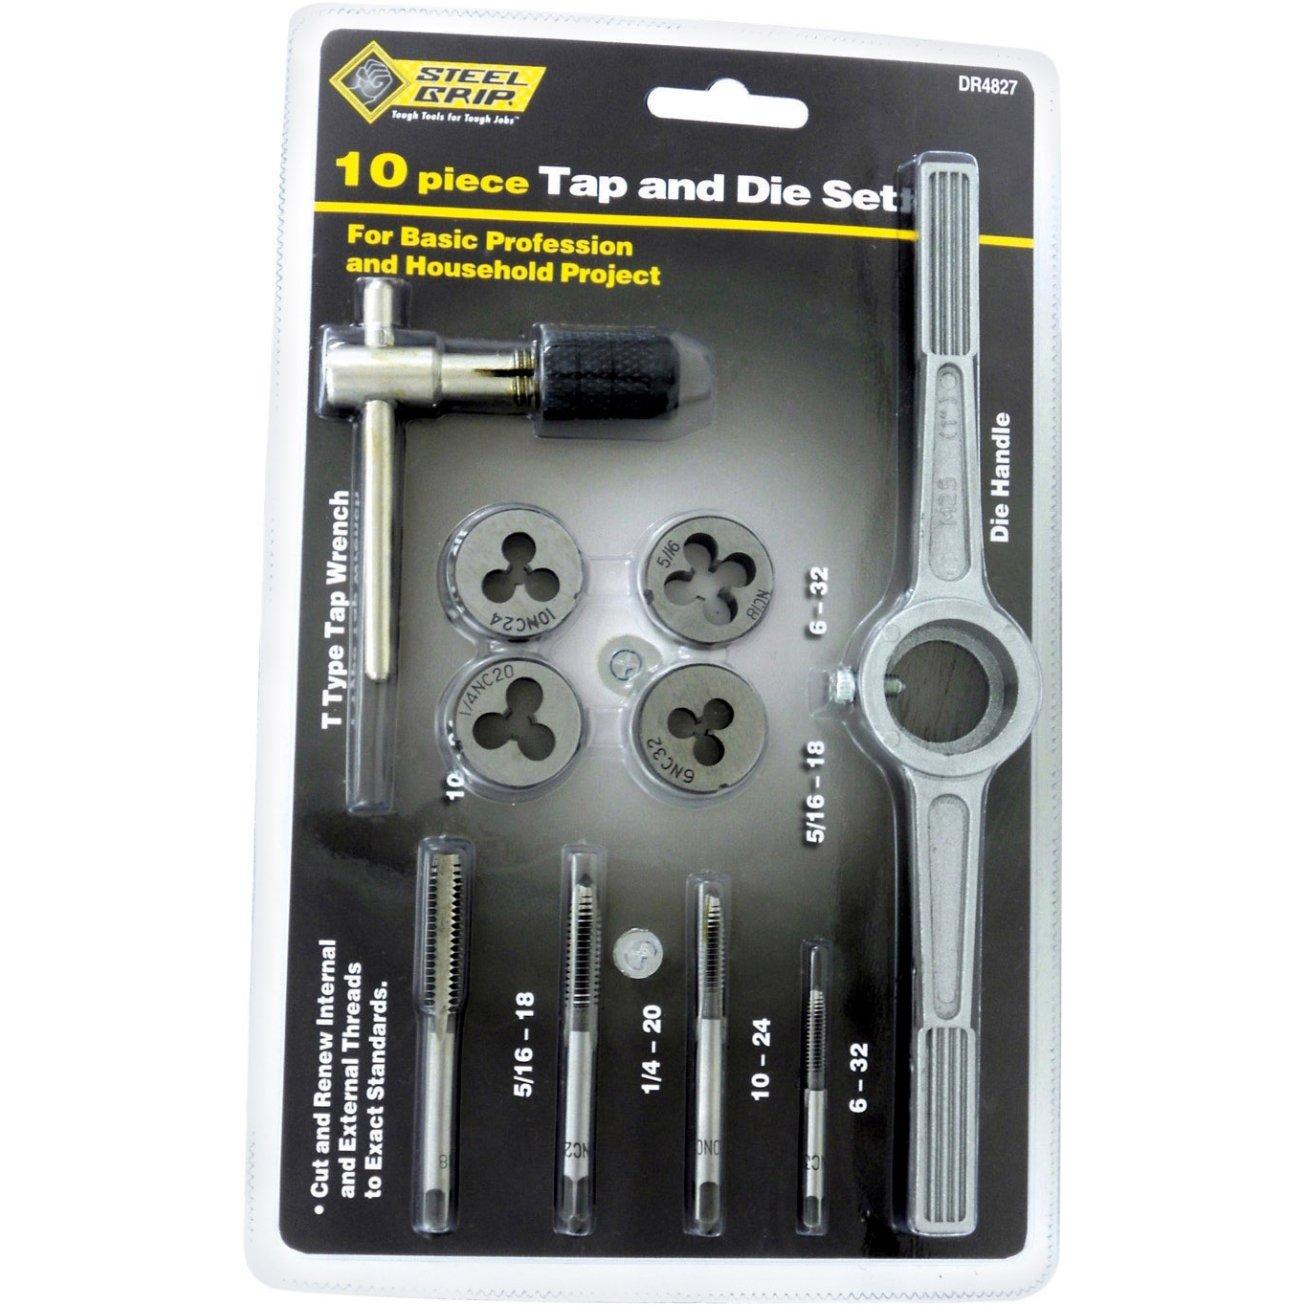 Steel Grip Tap 10 Piece, Sae